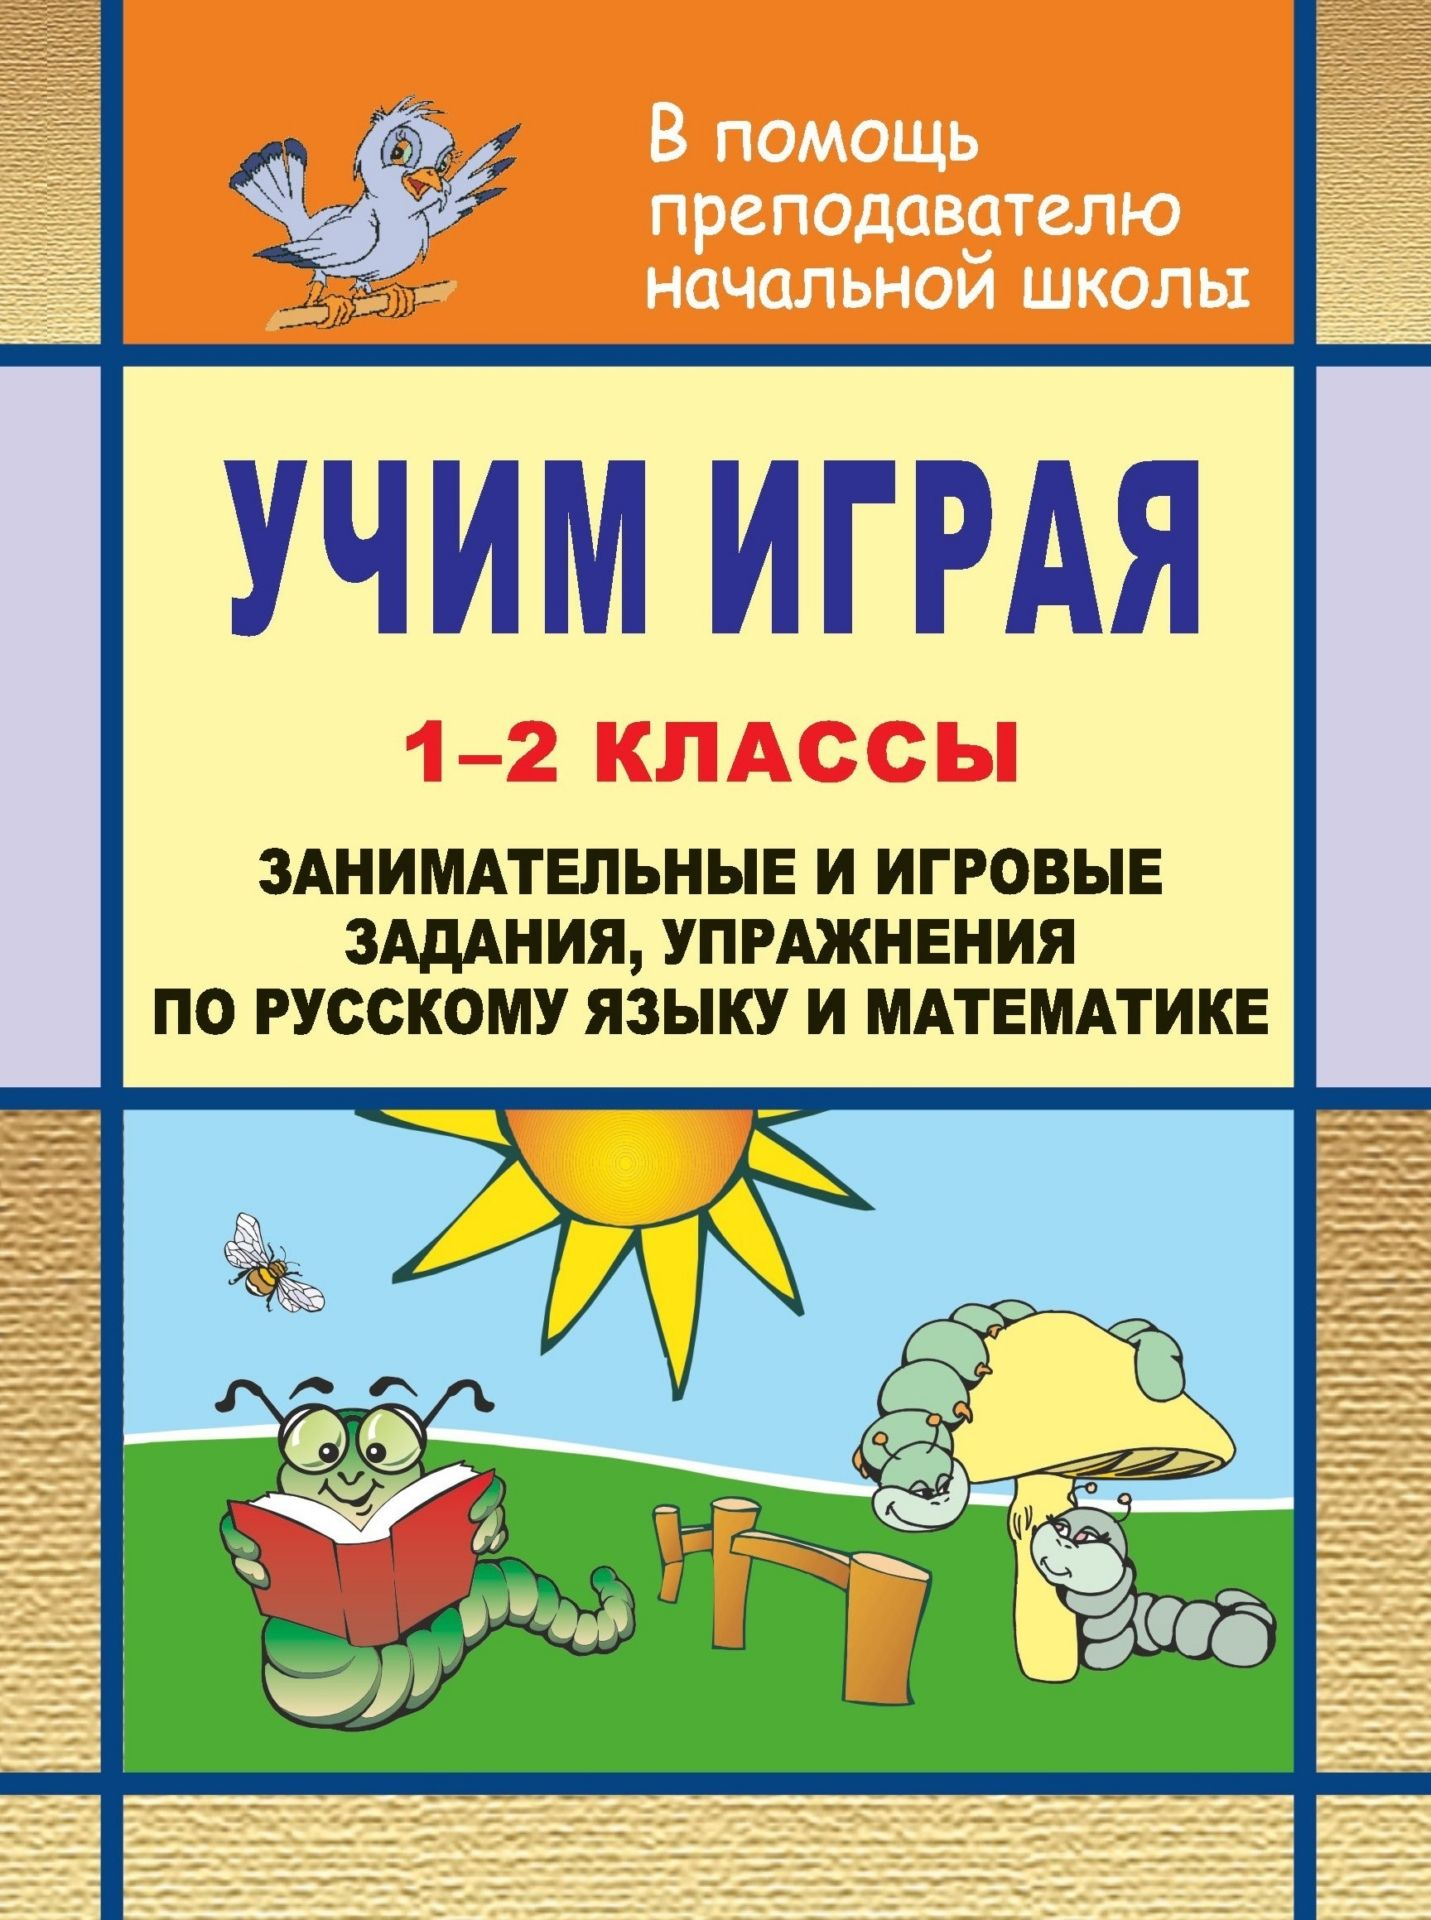 Учим играя. 1-2 классы: занимательные и игровые задания, упражнения по русскому языку и математике